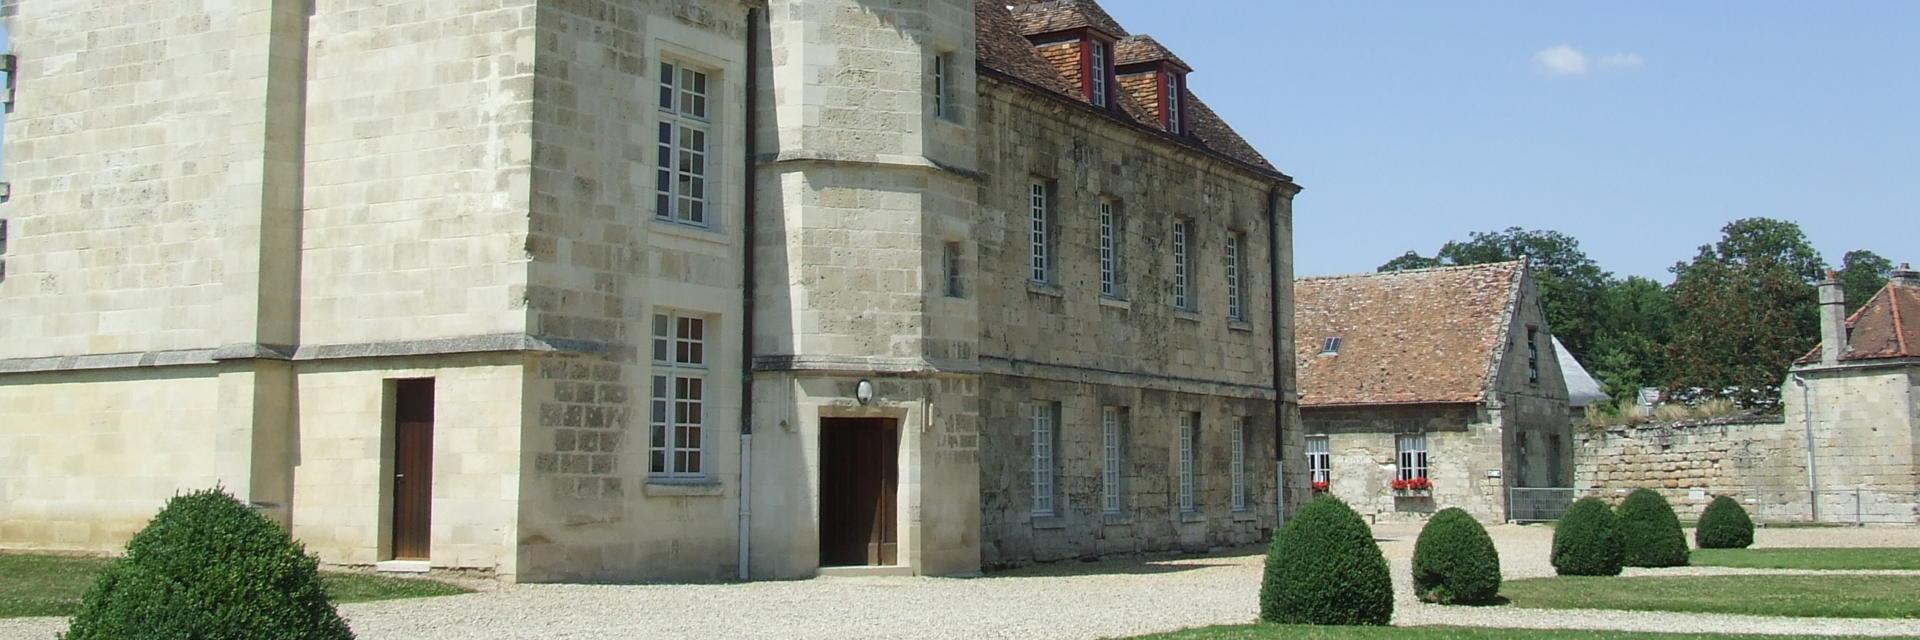 Logis de l'abbé < Abbaye Saint-Jean-des-Vignes < Soissons